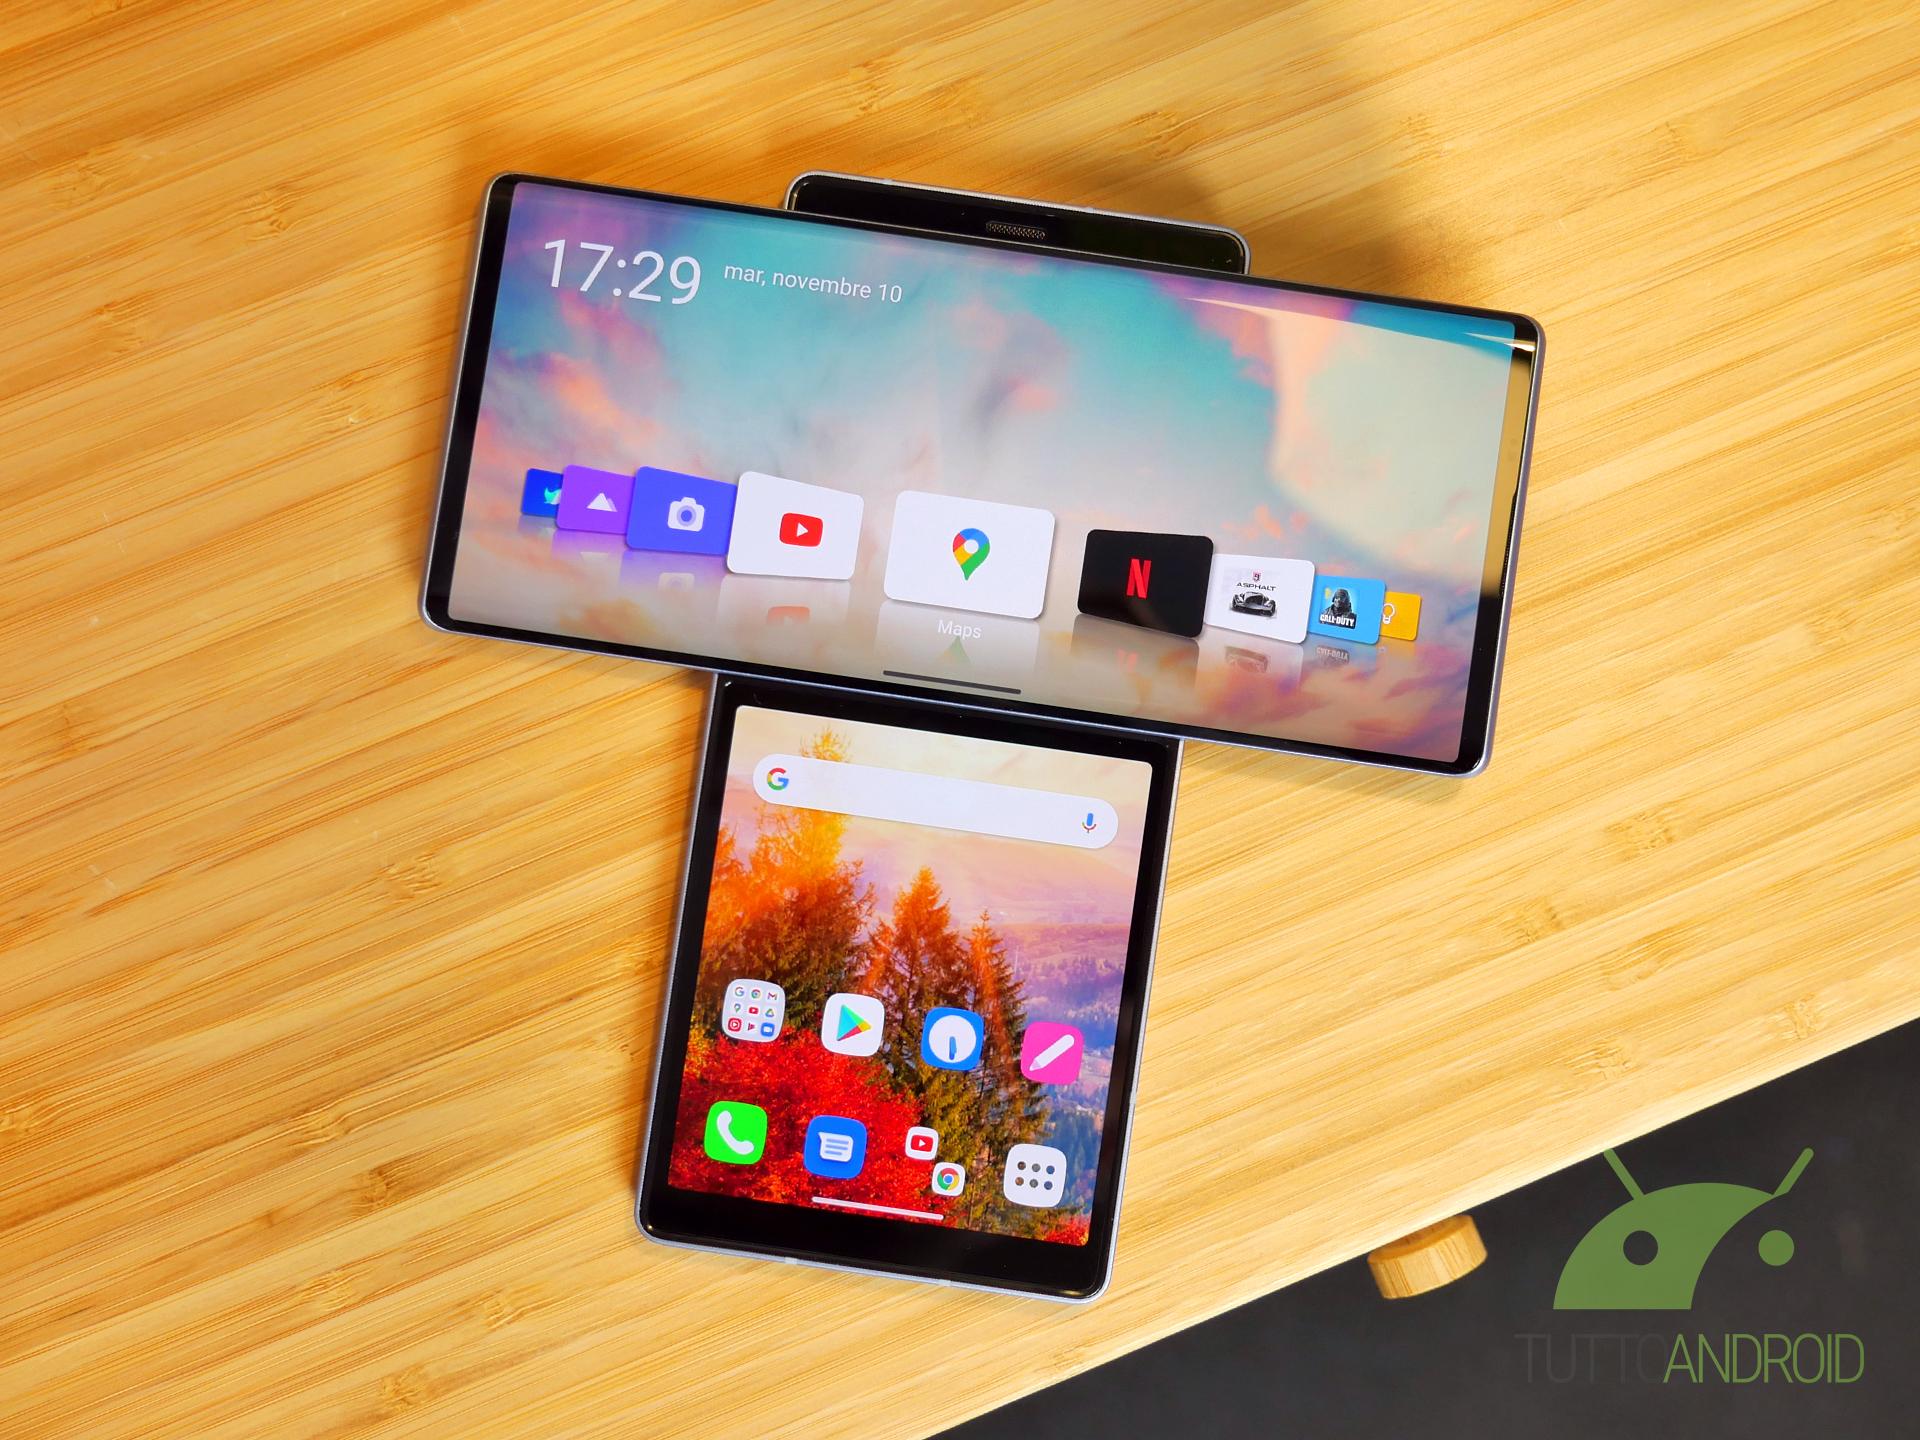 Arriva la conferma: LG valuta la vendita della divisione mobile